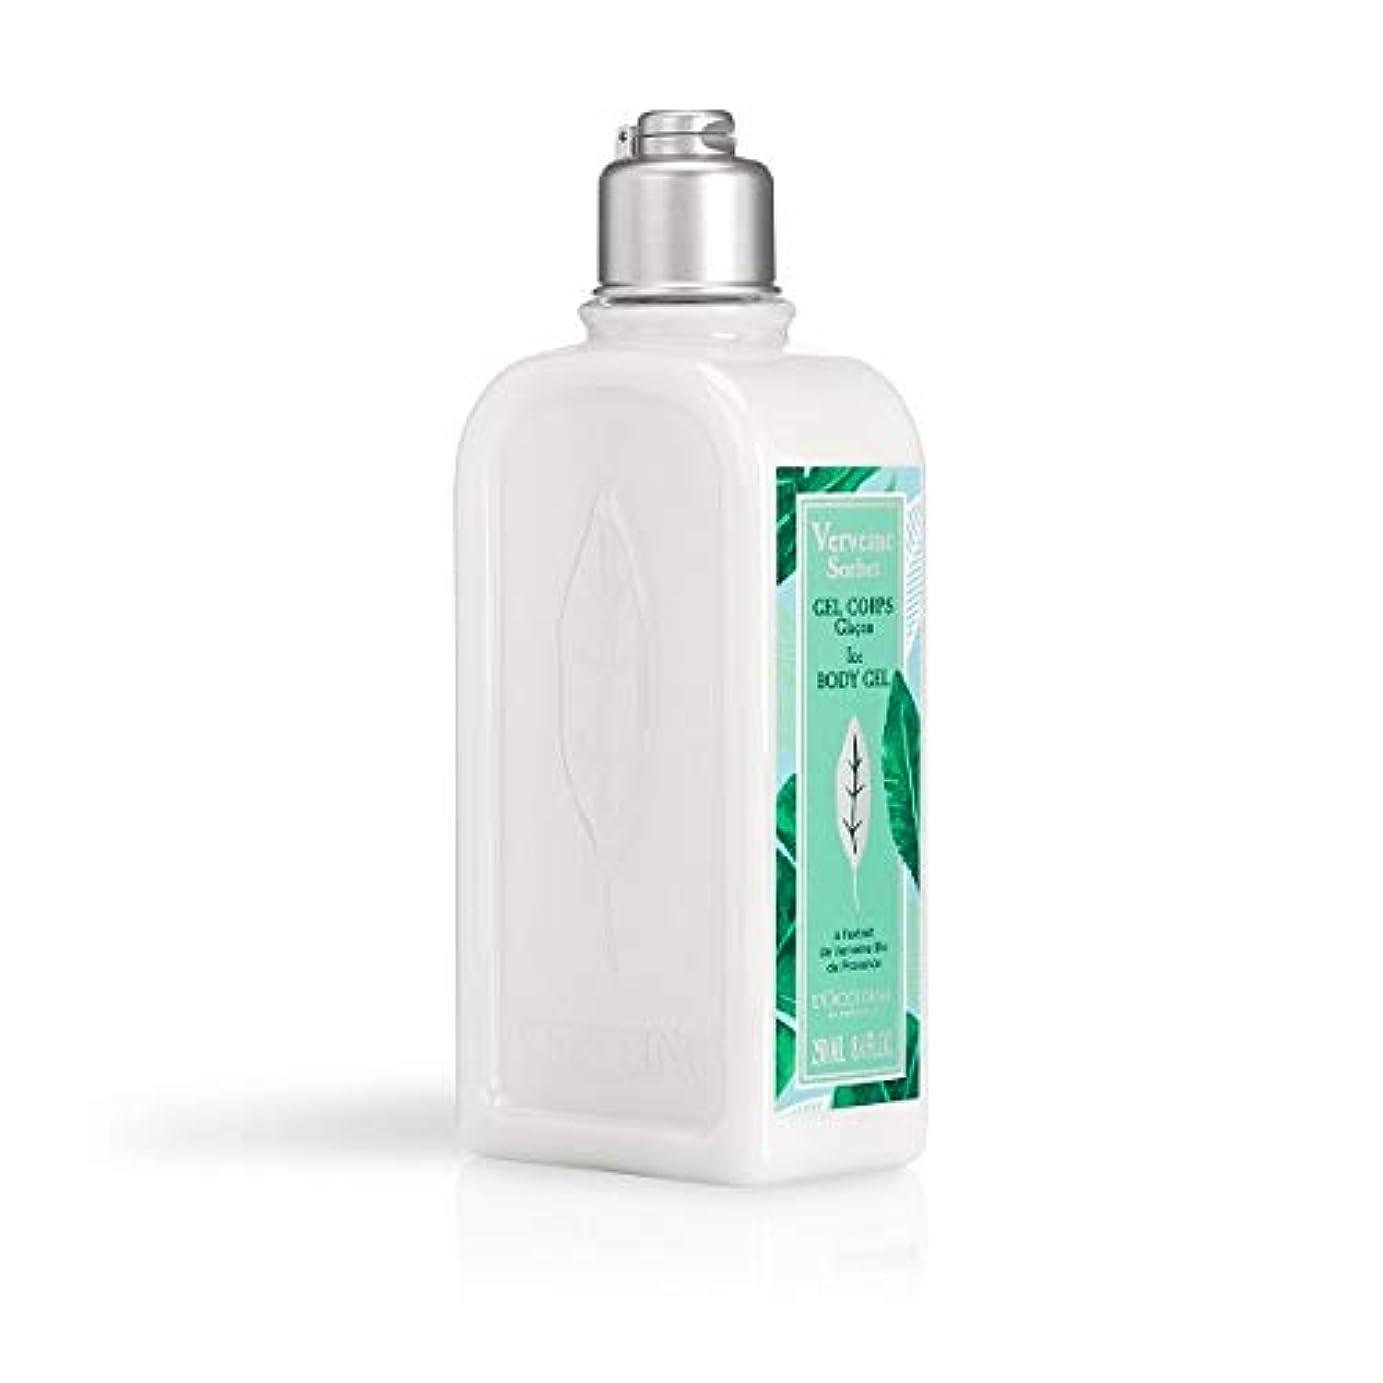 業界燃やすエクステントロクシタン(L'OCCITANE) ミントウ゛ァーベナ ソルベボディジェル 250ml(ボディ用乳液)